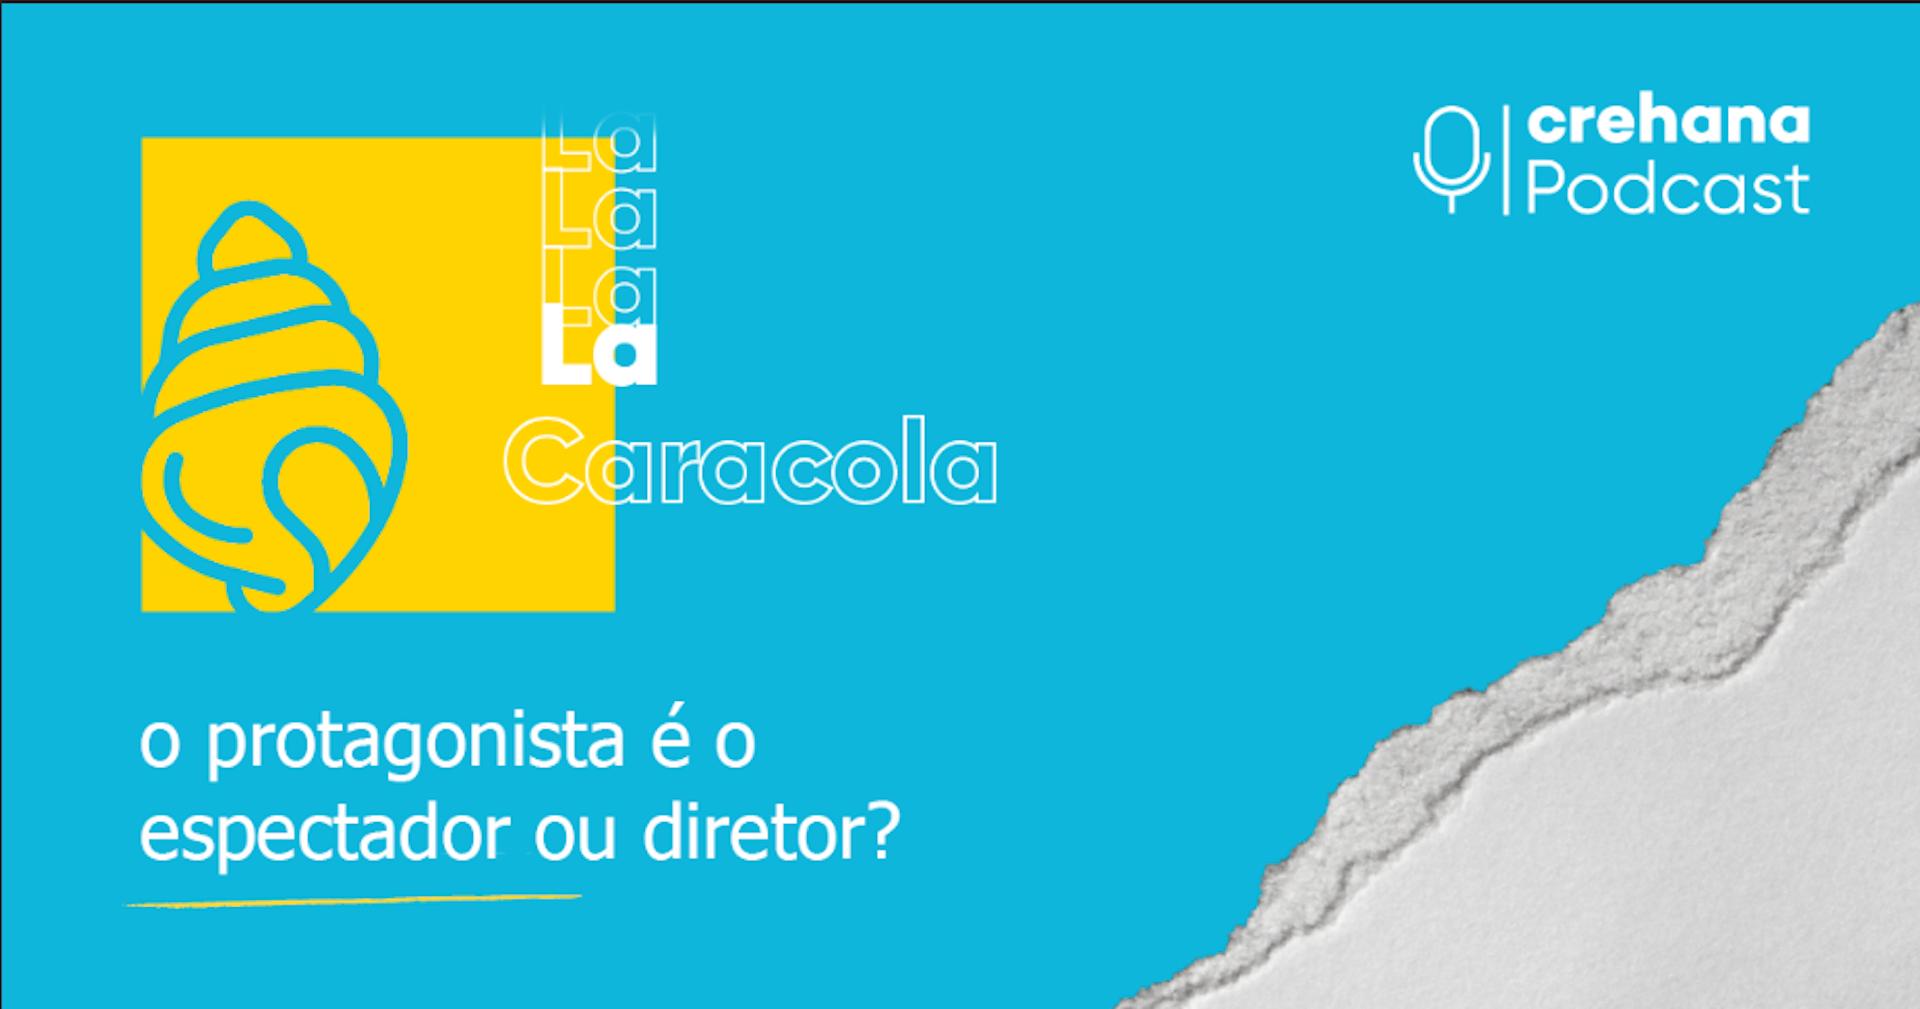 Podcast La Caracola, episódio 6: O protagonista é o espectador ou o diretor?